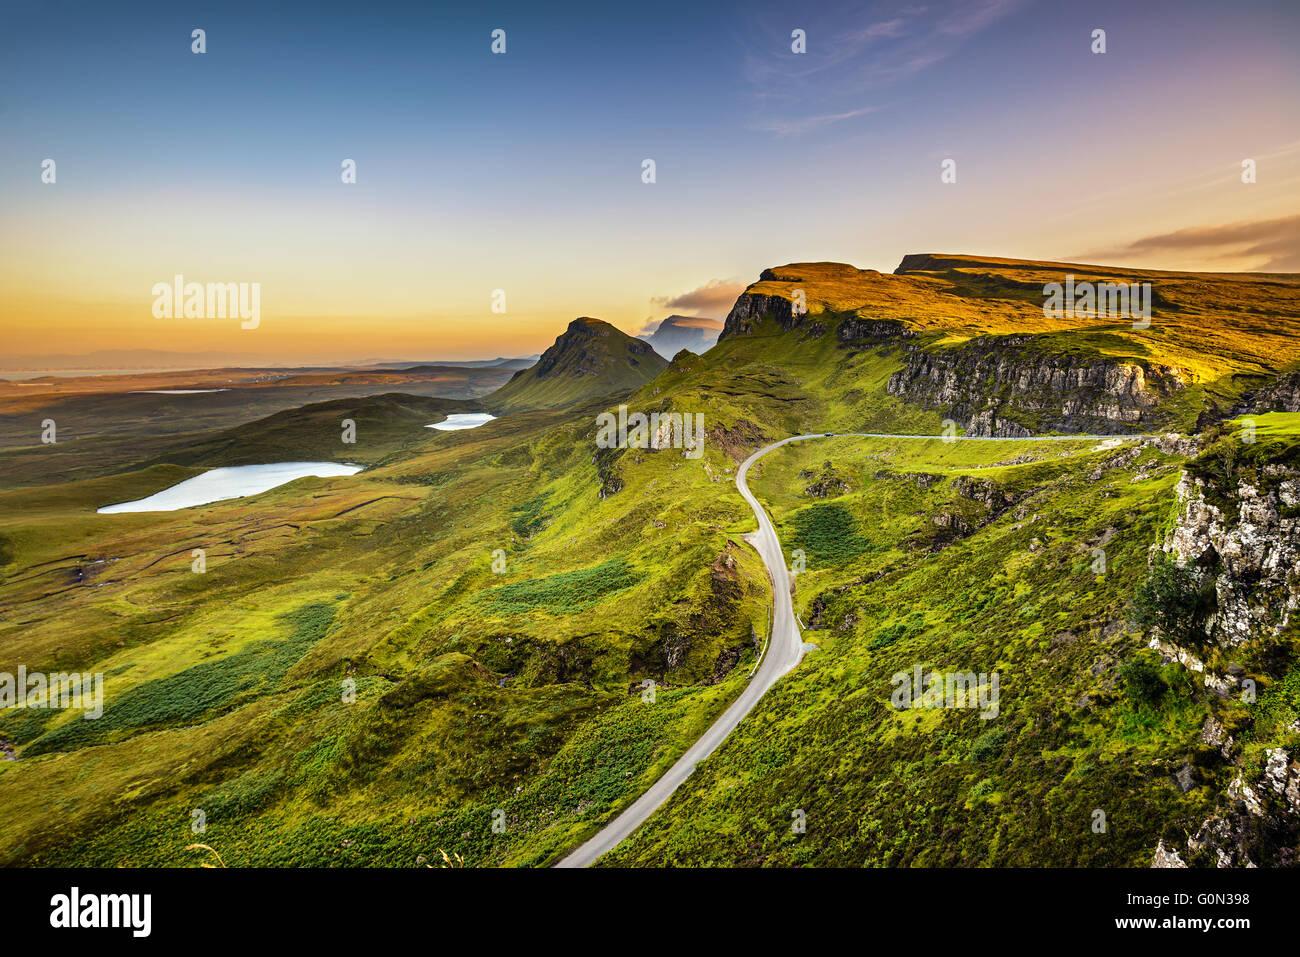 Quiraing montagne coucher du soleil à île de Skye, Écosse, Royaume-Uni Photo Stock